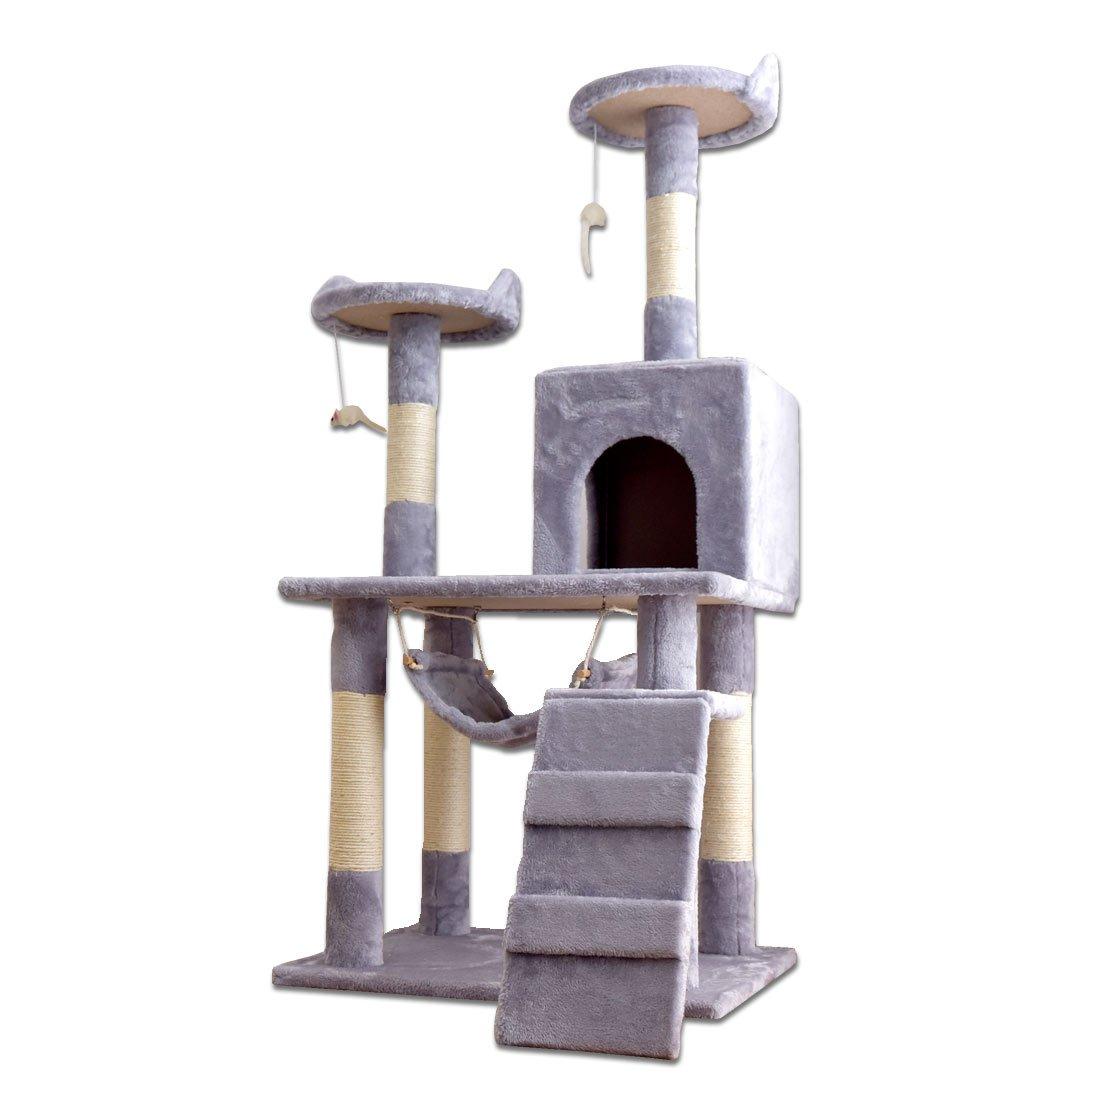 タンスのゲン キャットタワー 支柱3本 151cm 据え置き 爪研ぎ 麻紐 32000006 01 B076MYDD6C グレー 1.据え置きタイプ【高さ130cm】 1.据え置きタイプ【高さ130cm】|グレー